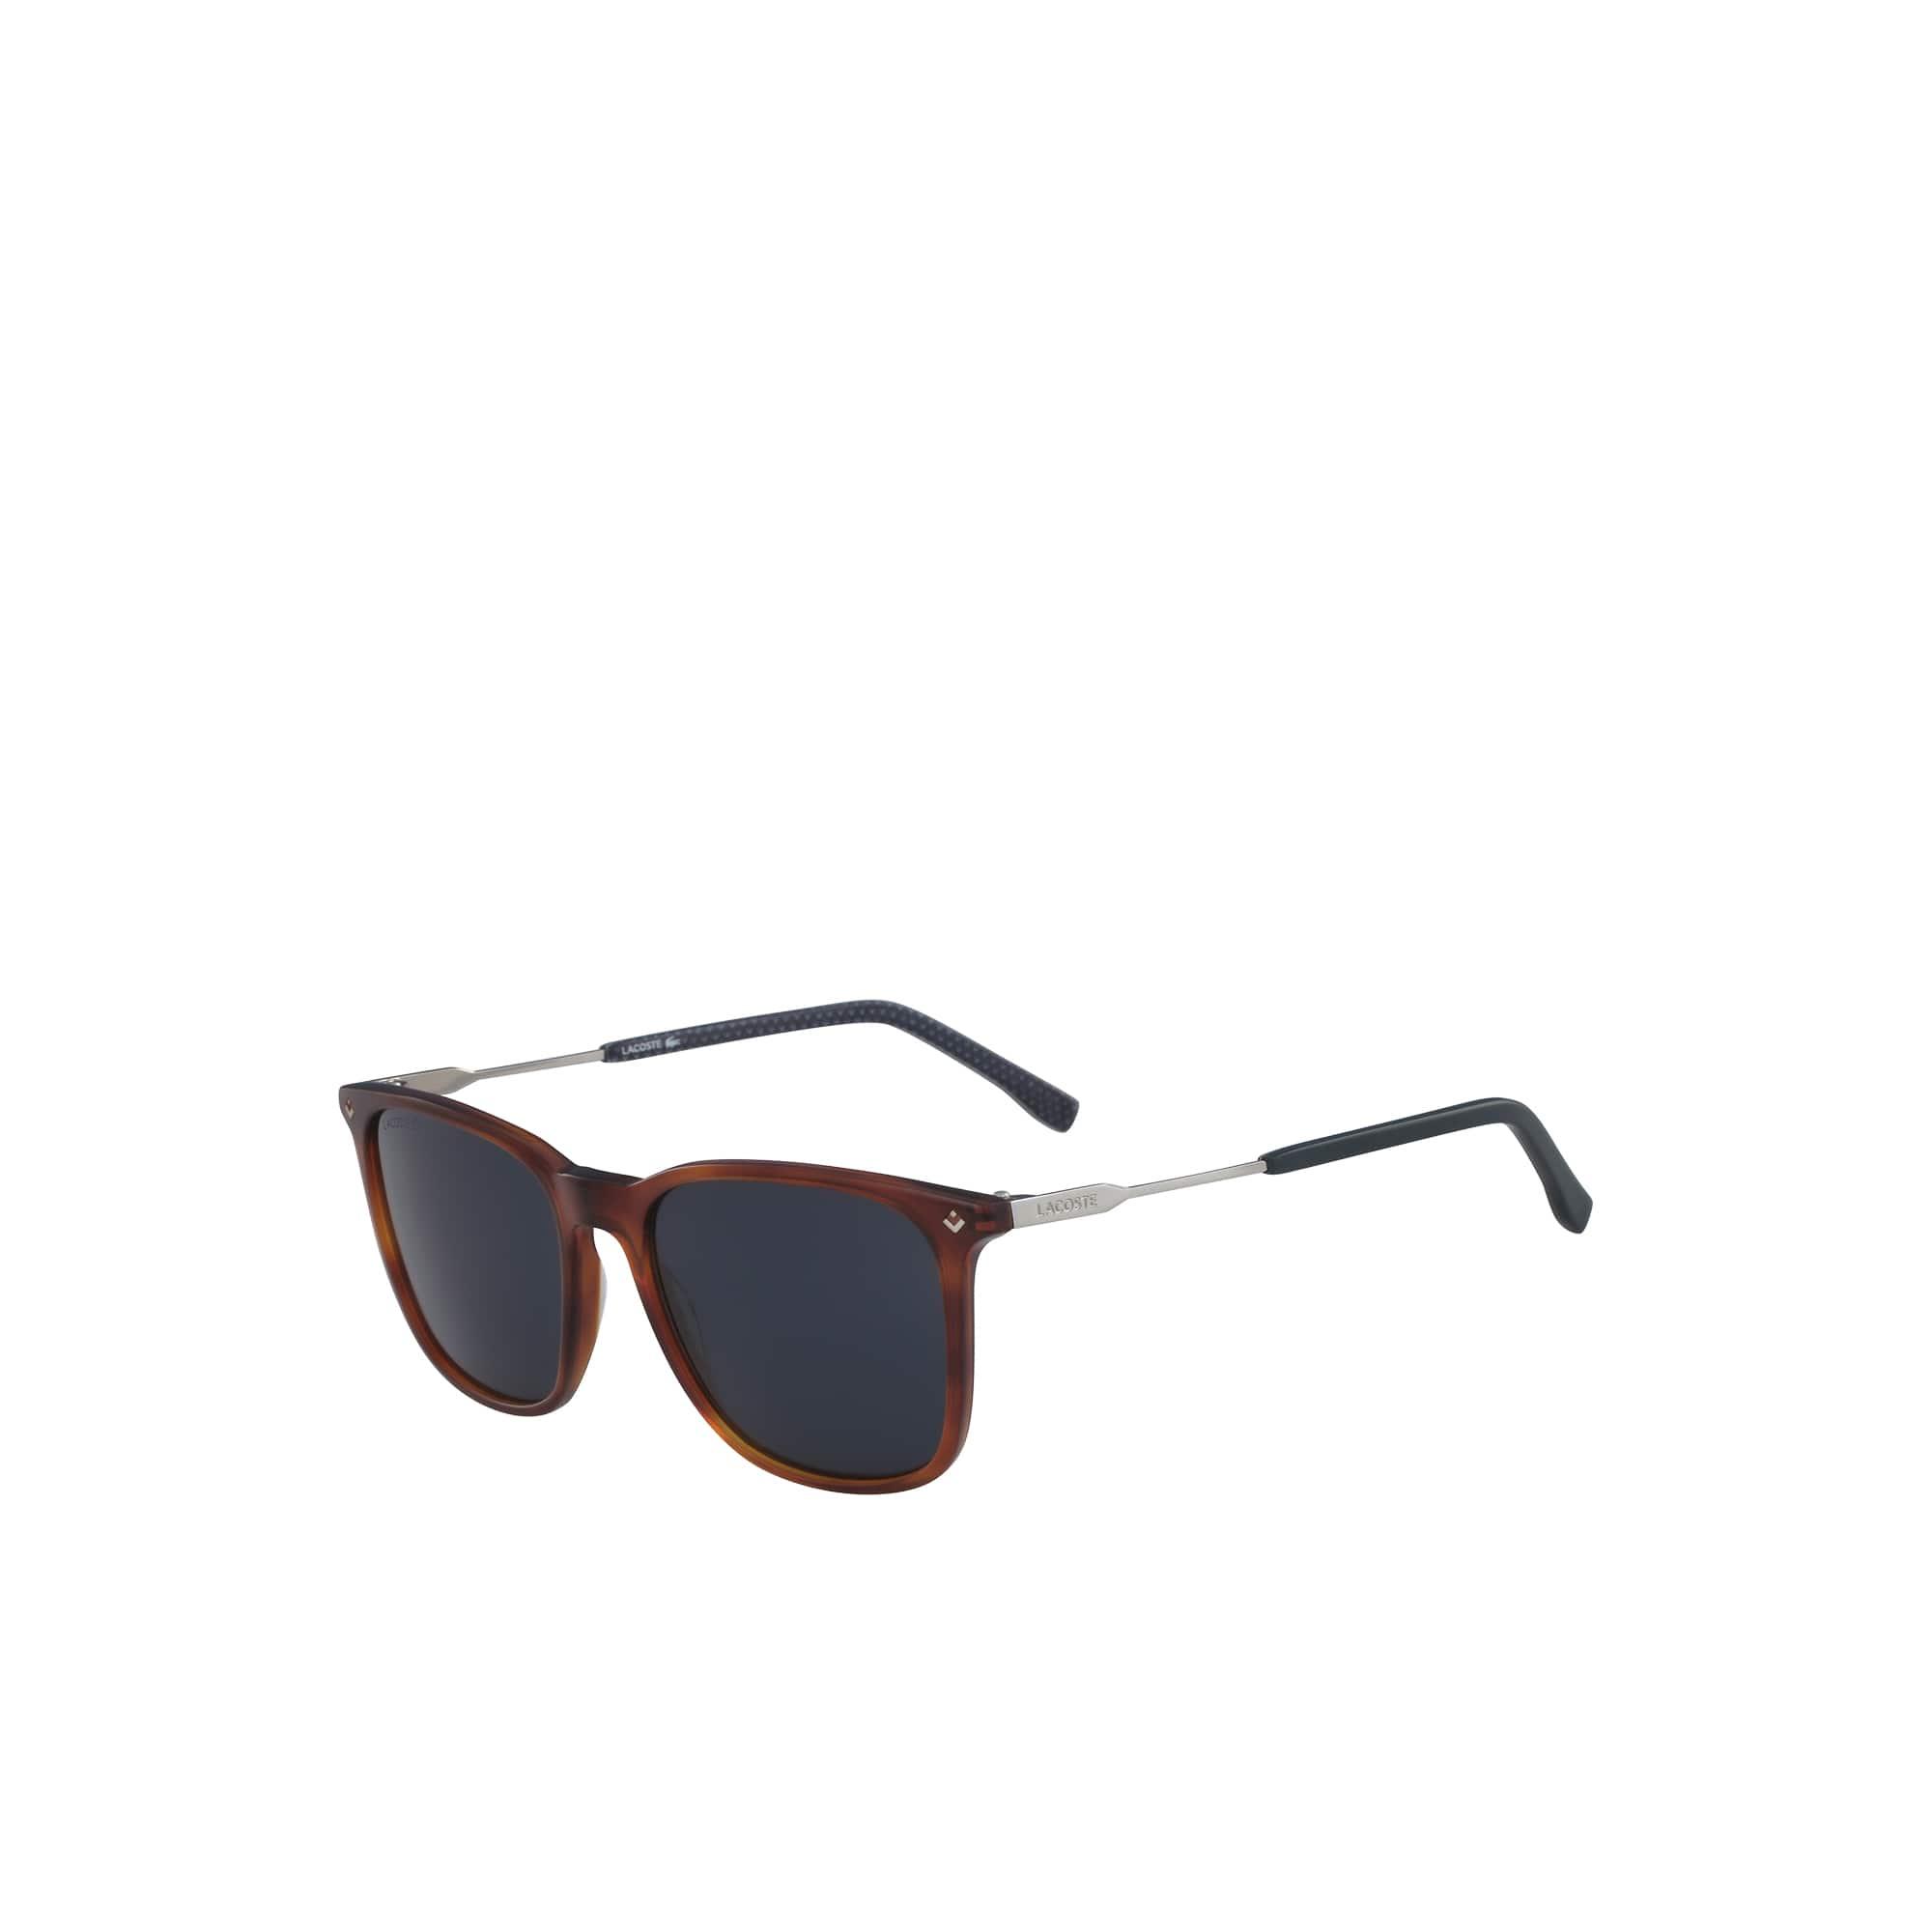 Petit piqué-zonnebril heren met acetaat-/metalen montuur